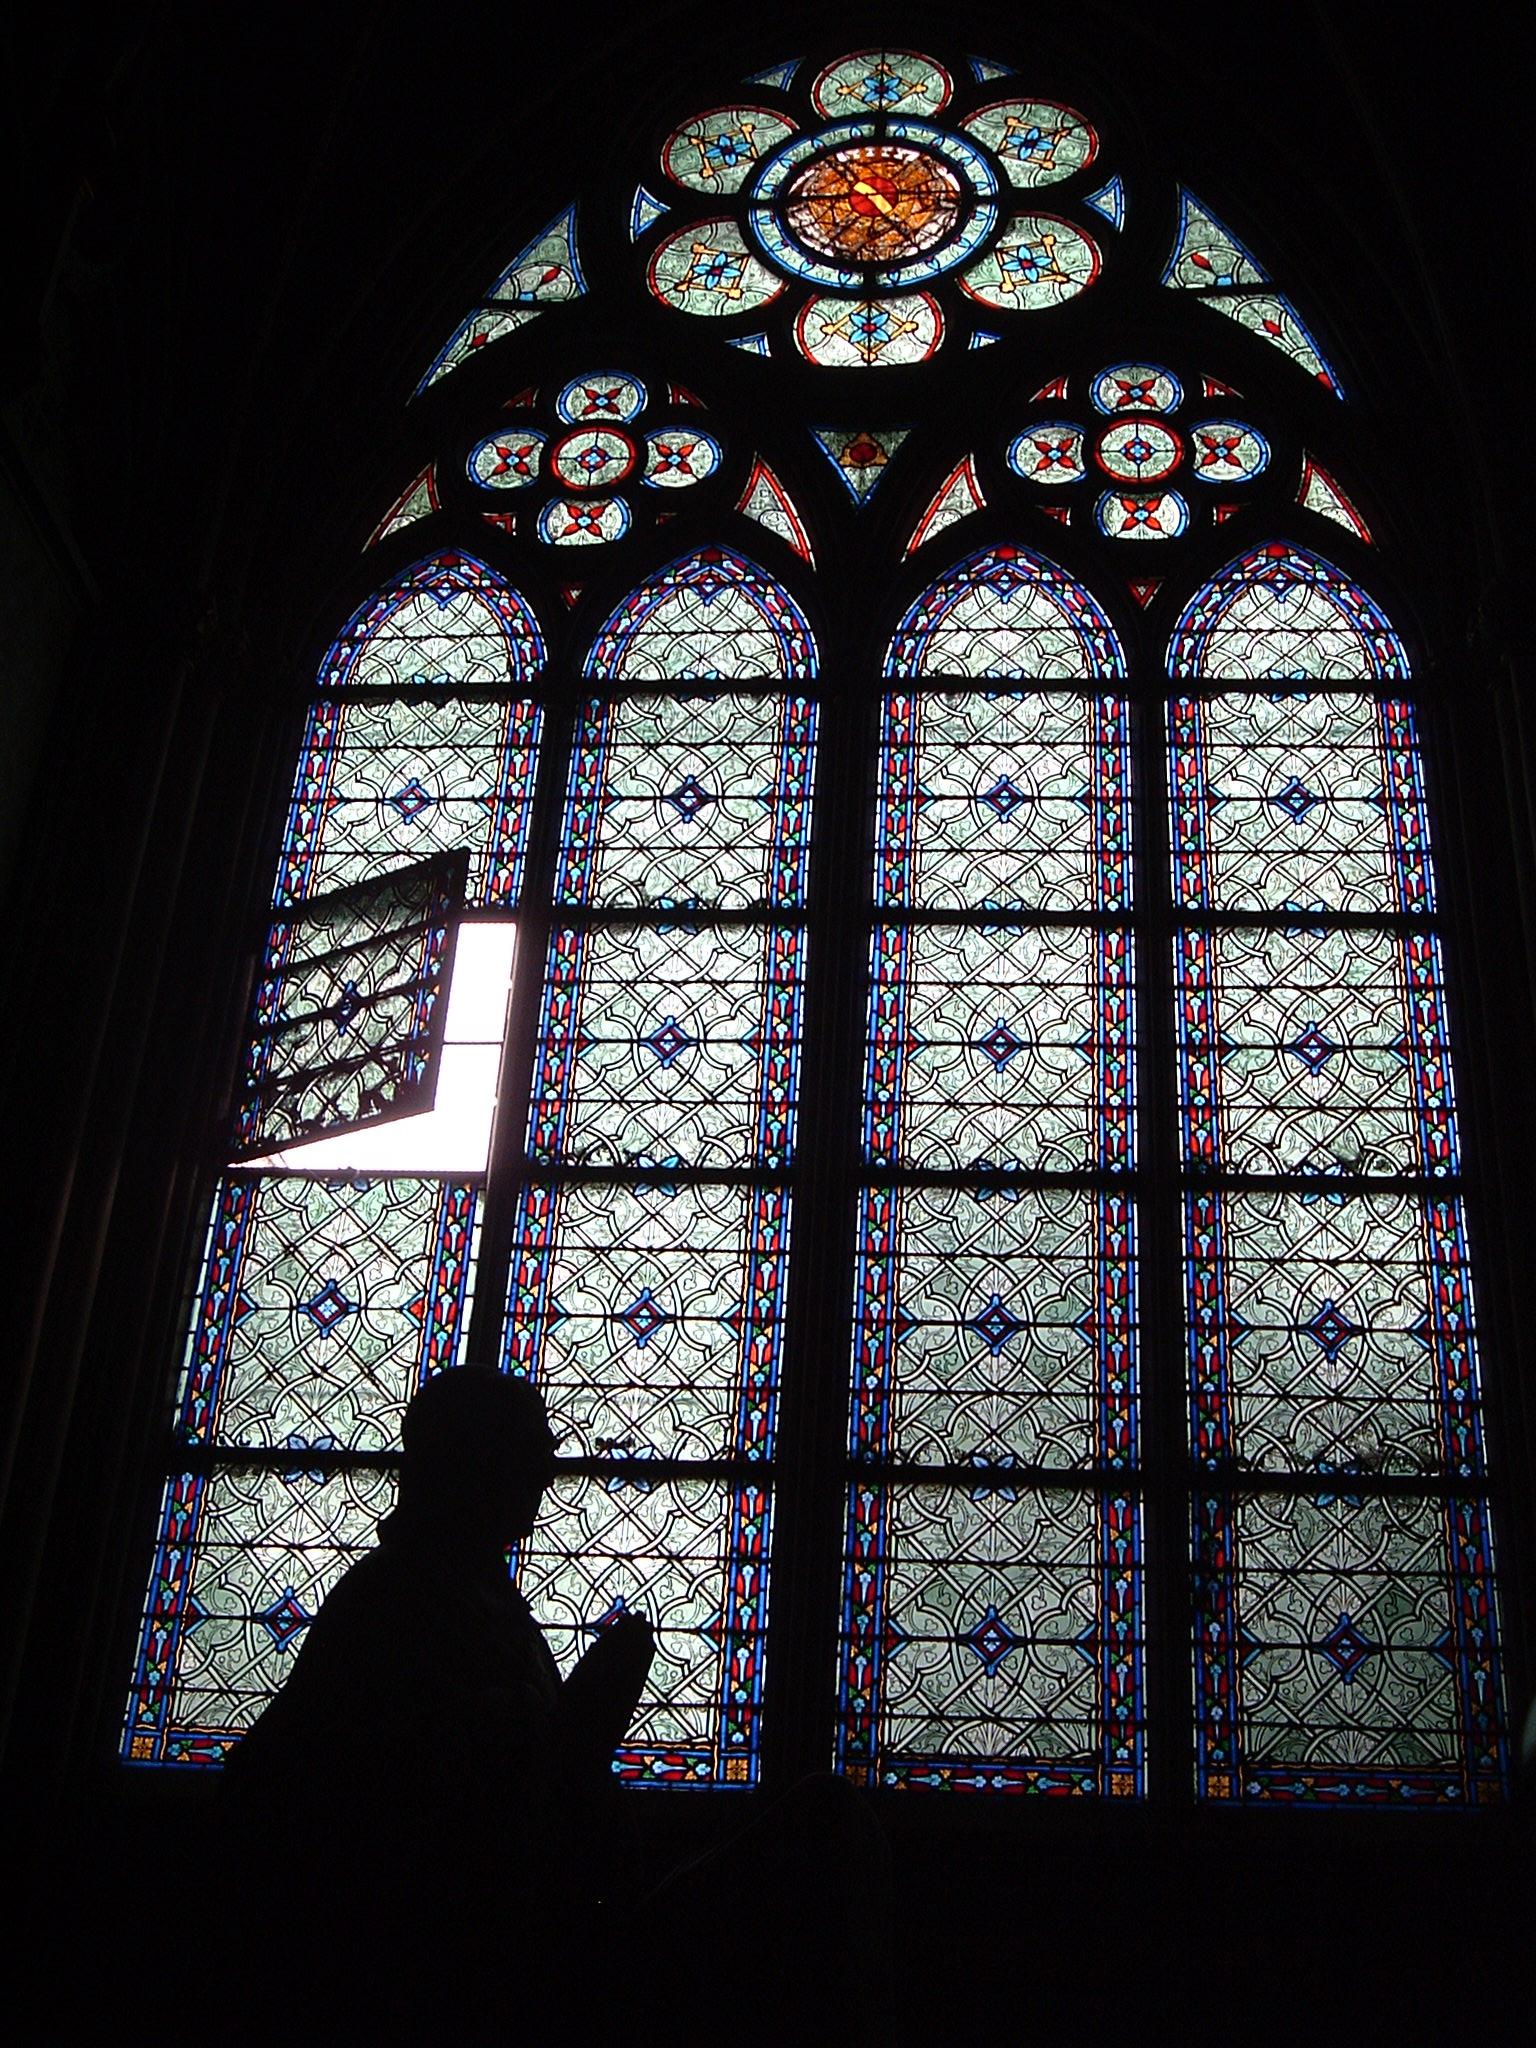 Paris, France, 2005